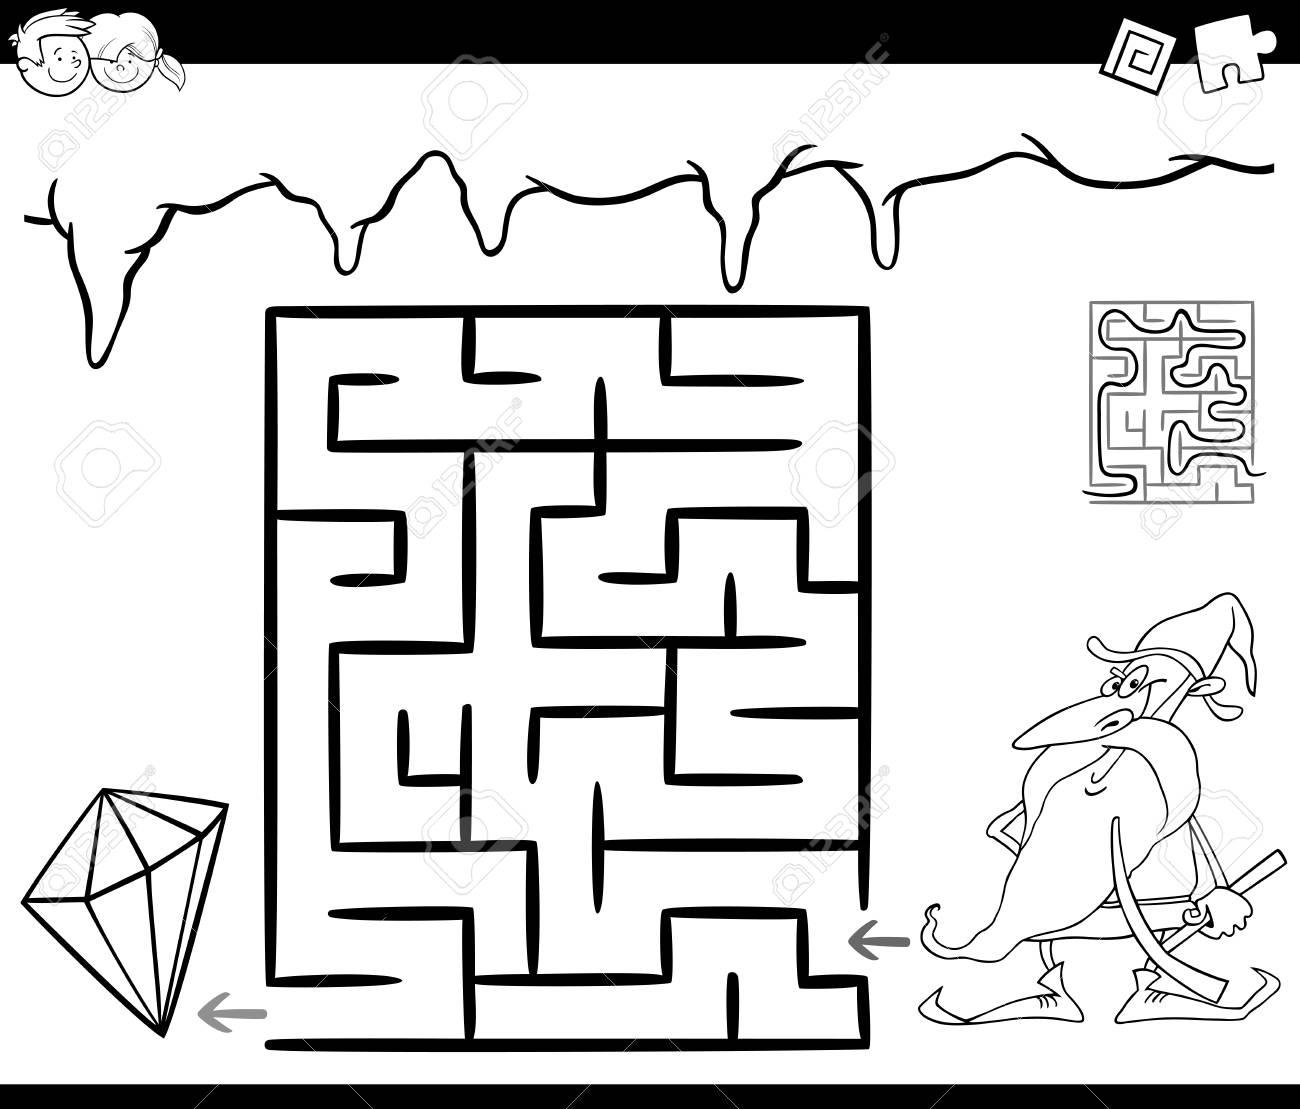 Ausgezeichnet Kindergarten Labyrinth Arbeitsblatt Ideen - Super ...